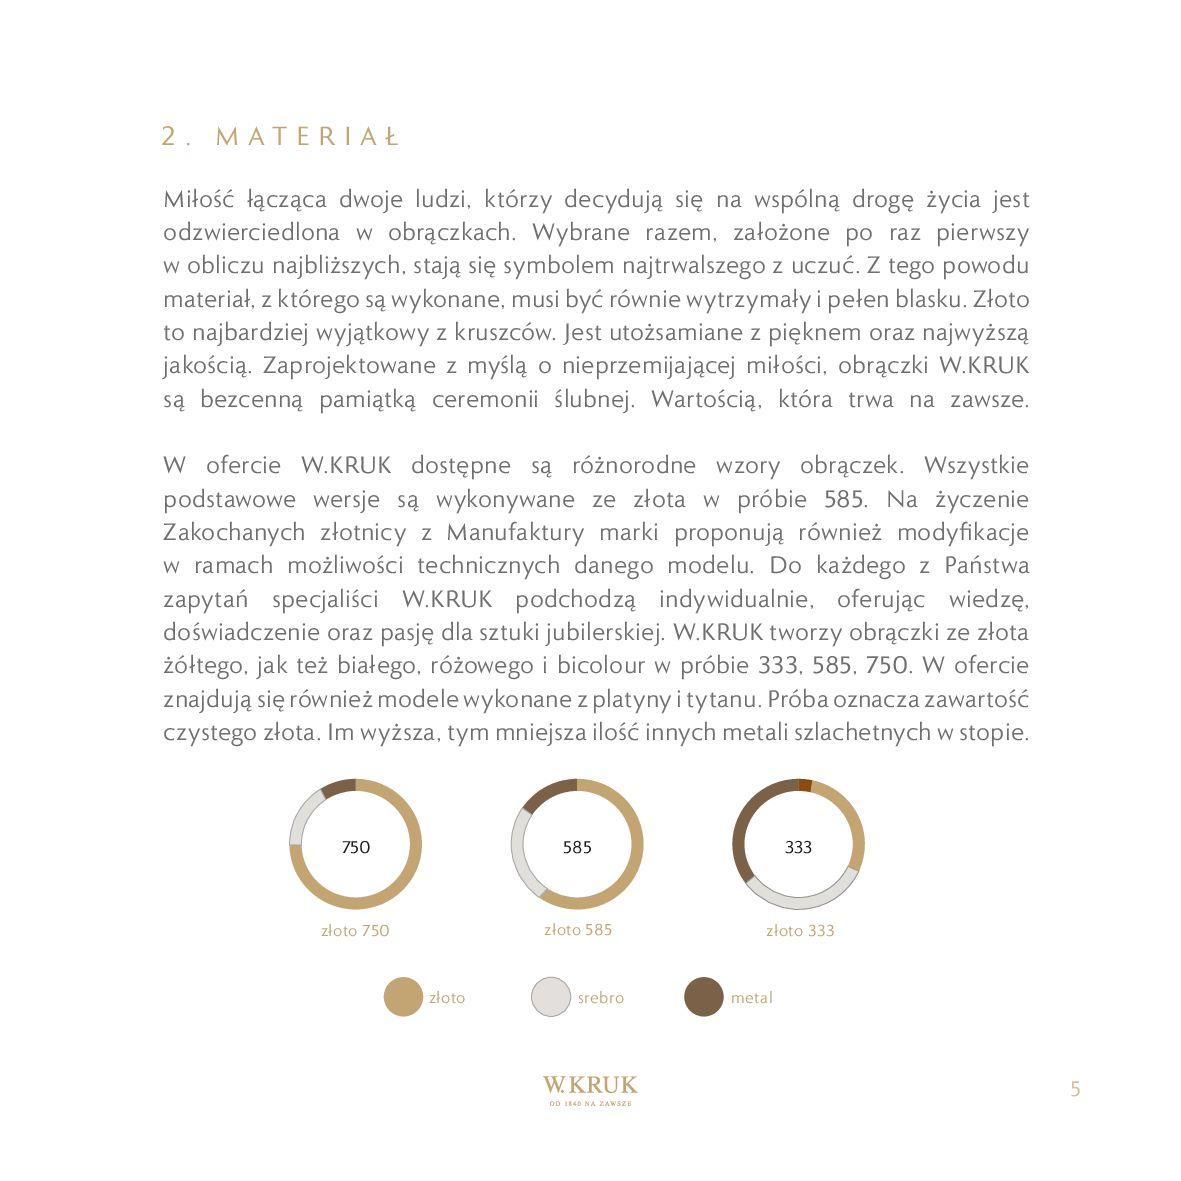 Gazetka W. KRUK: Katalog - Obrączki 2021-02-17 page-7